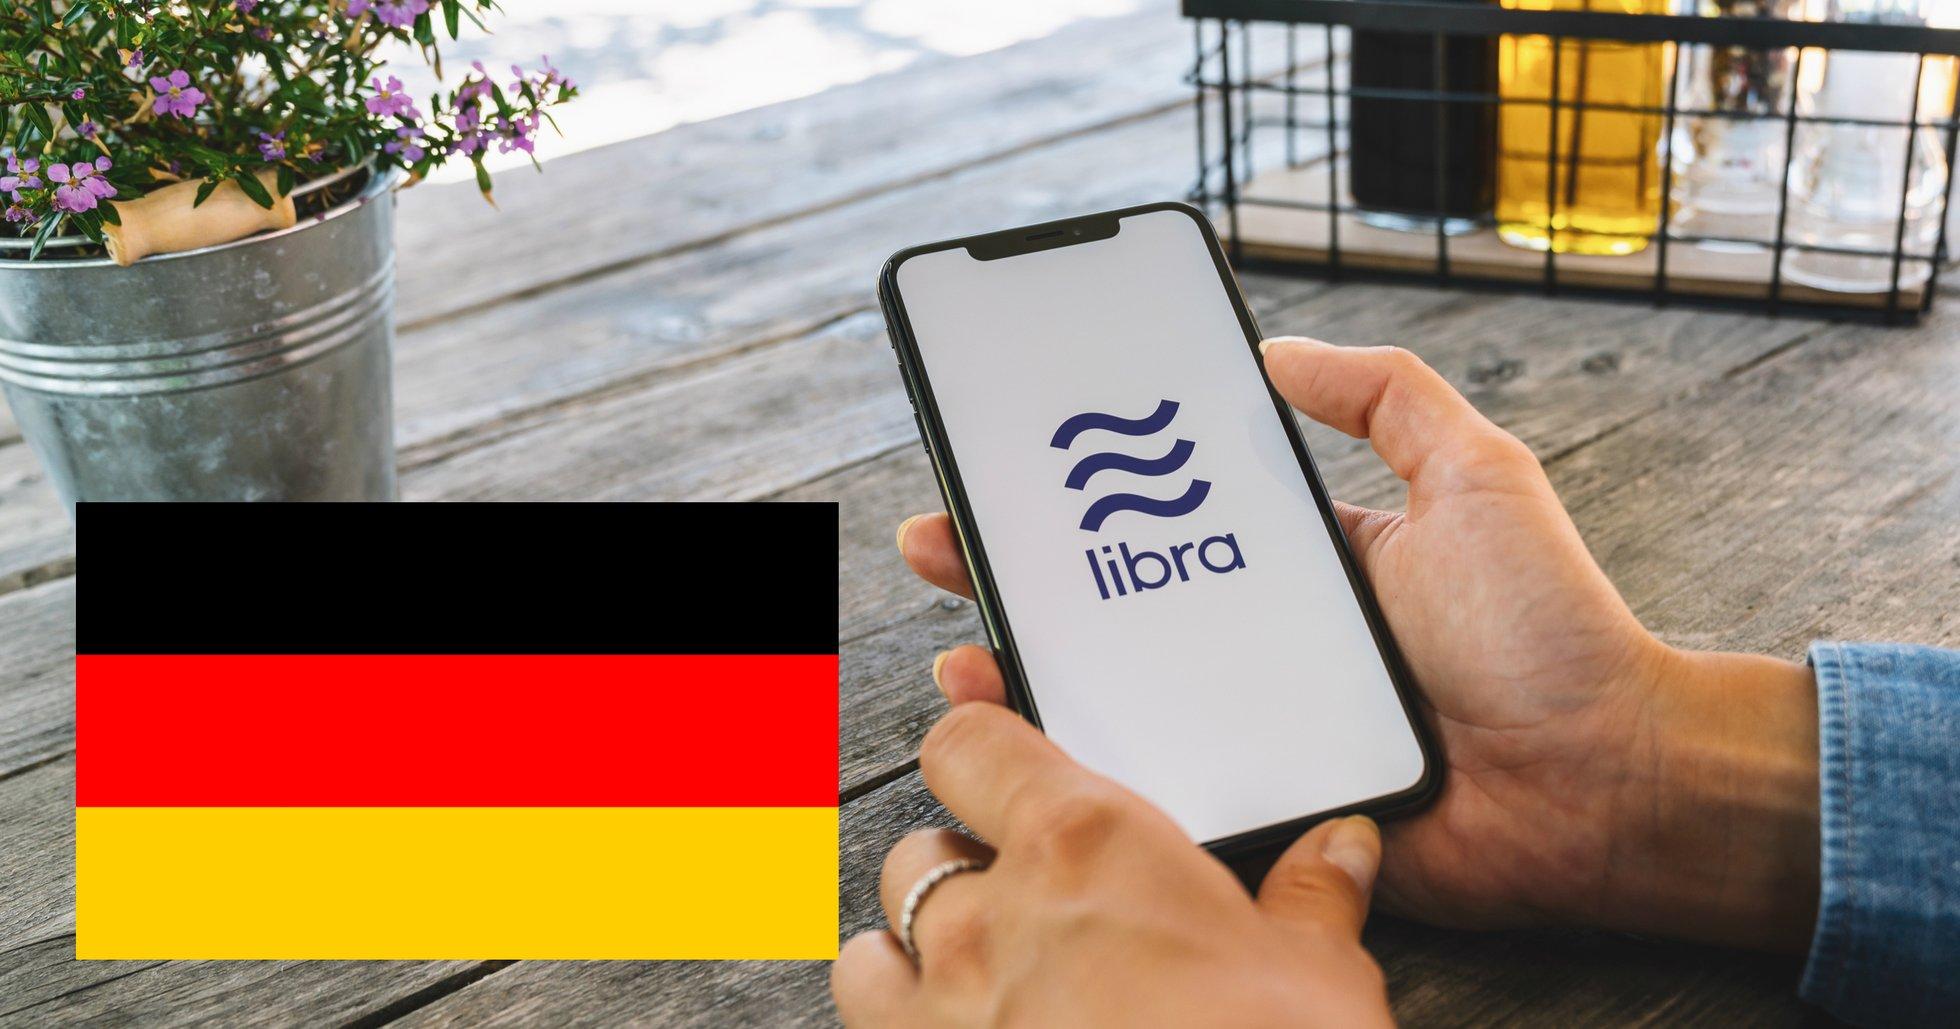 Ny undersökning avslöjar: Tre av fyra tyskar vill inte använda Facebooks libra.